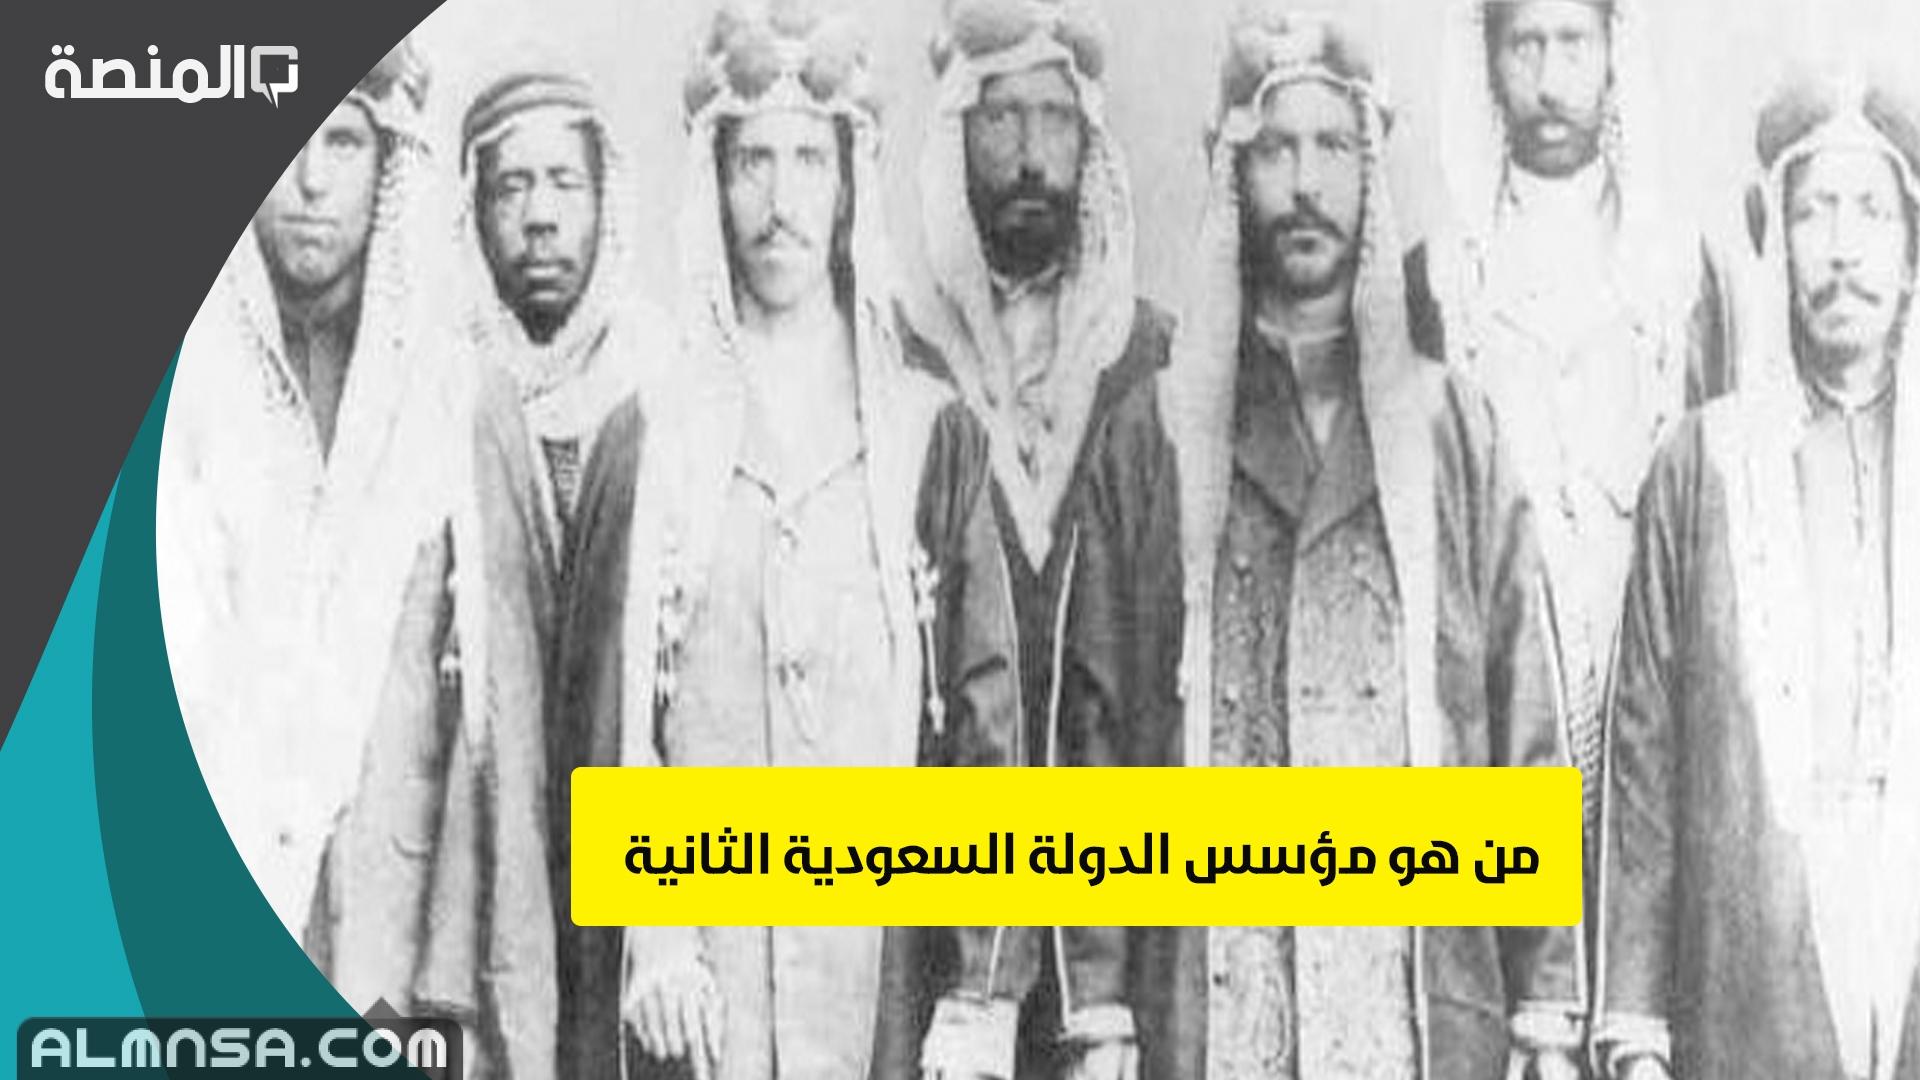 من هو مؤسس الدولة السعودية الثانية المنصة